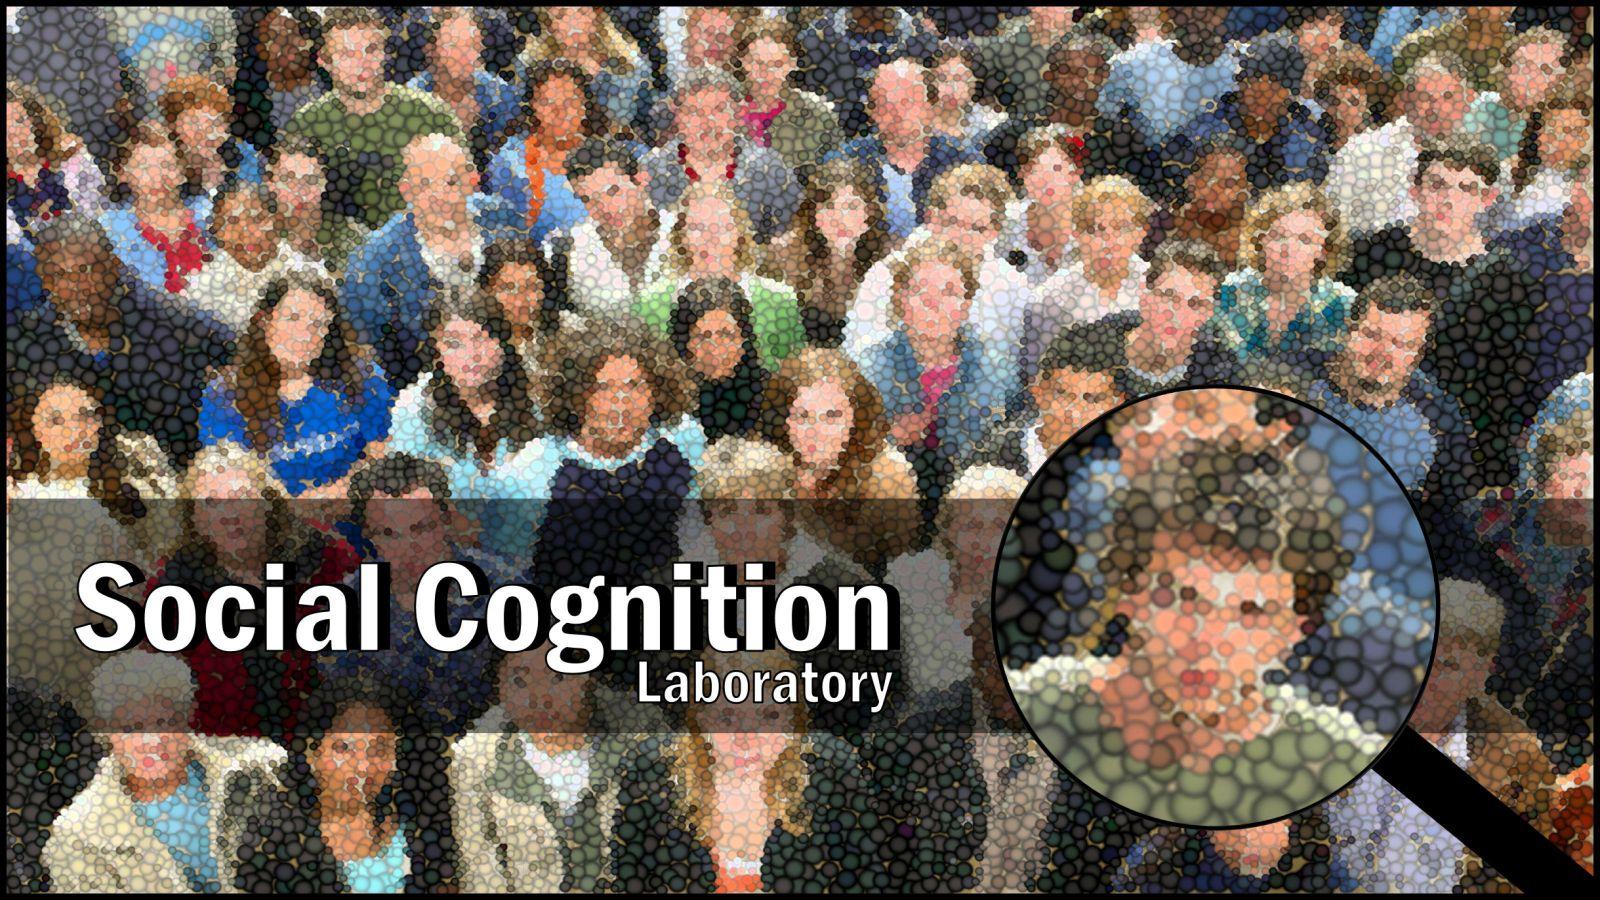 Social cognition lab.